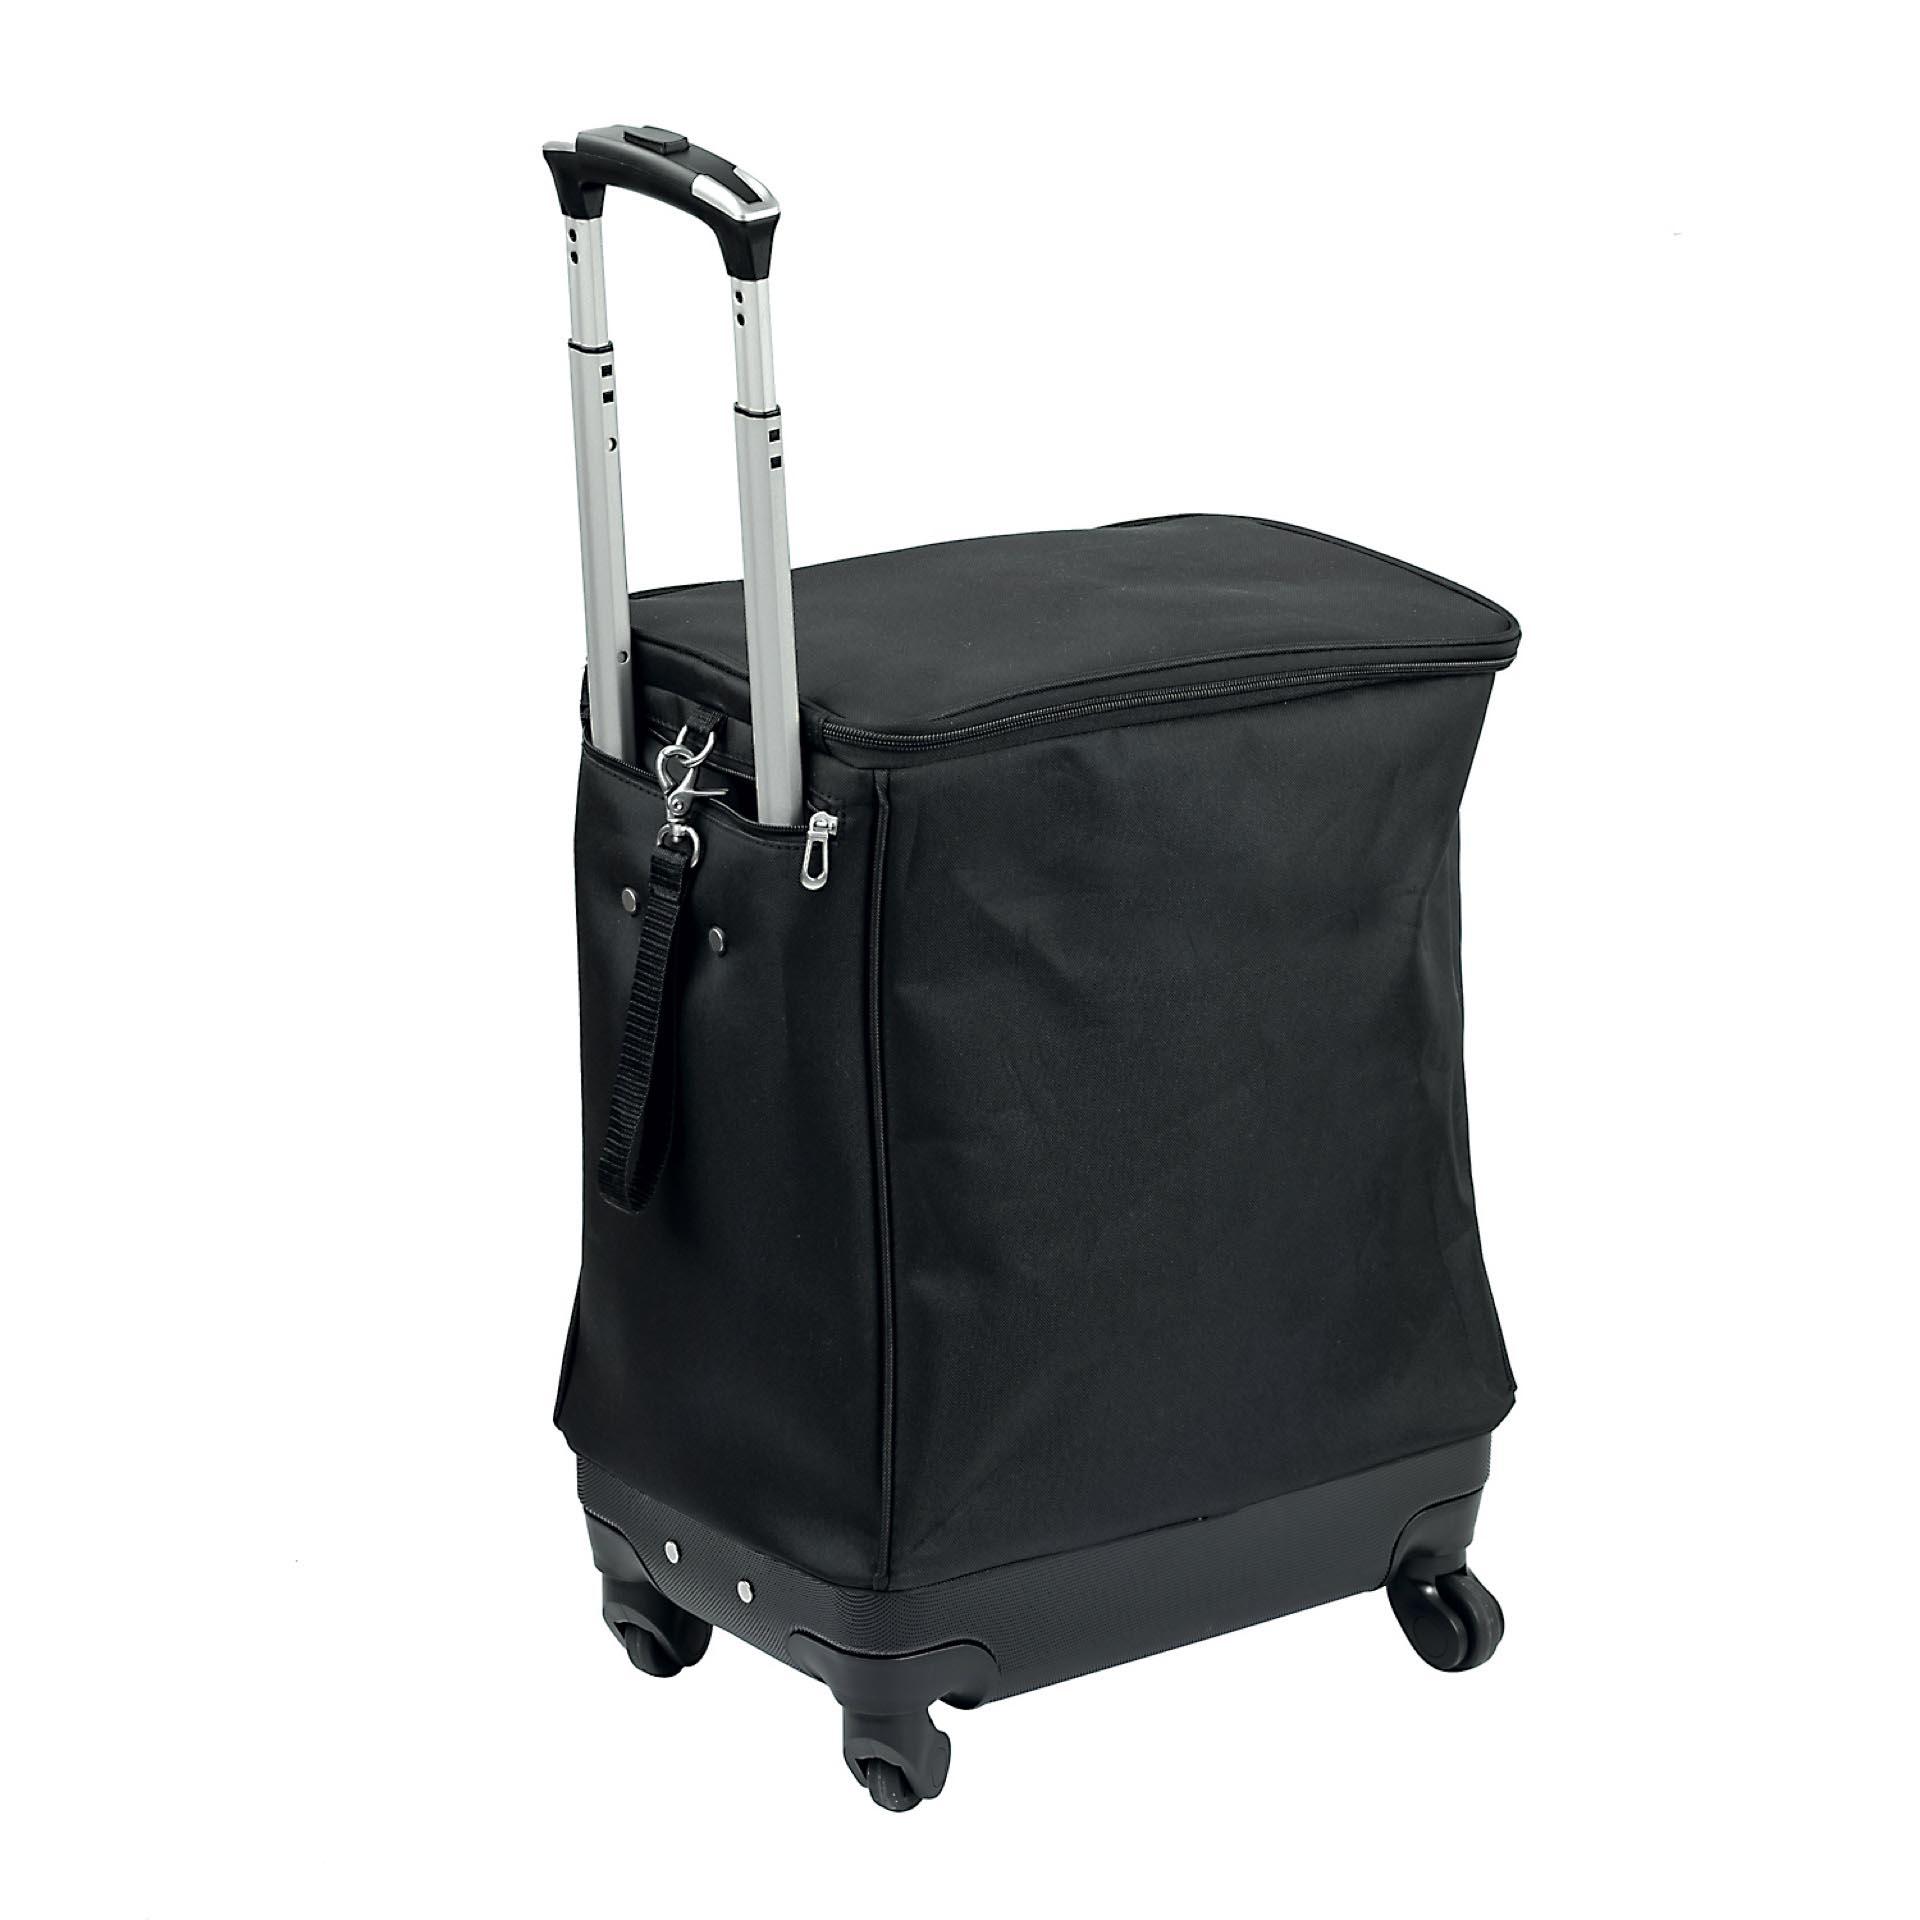 15. Heladera plegable con carrito ($ 750).